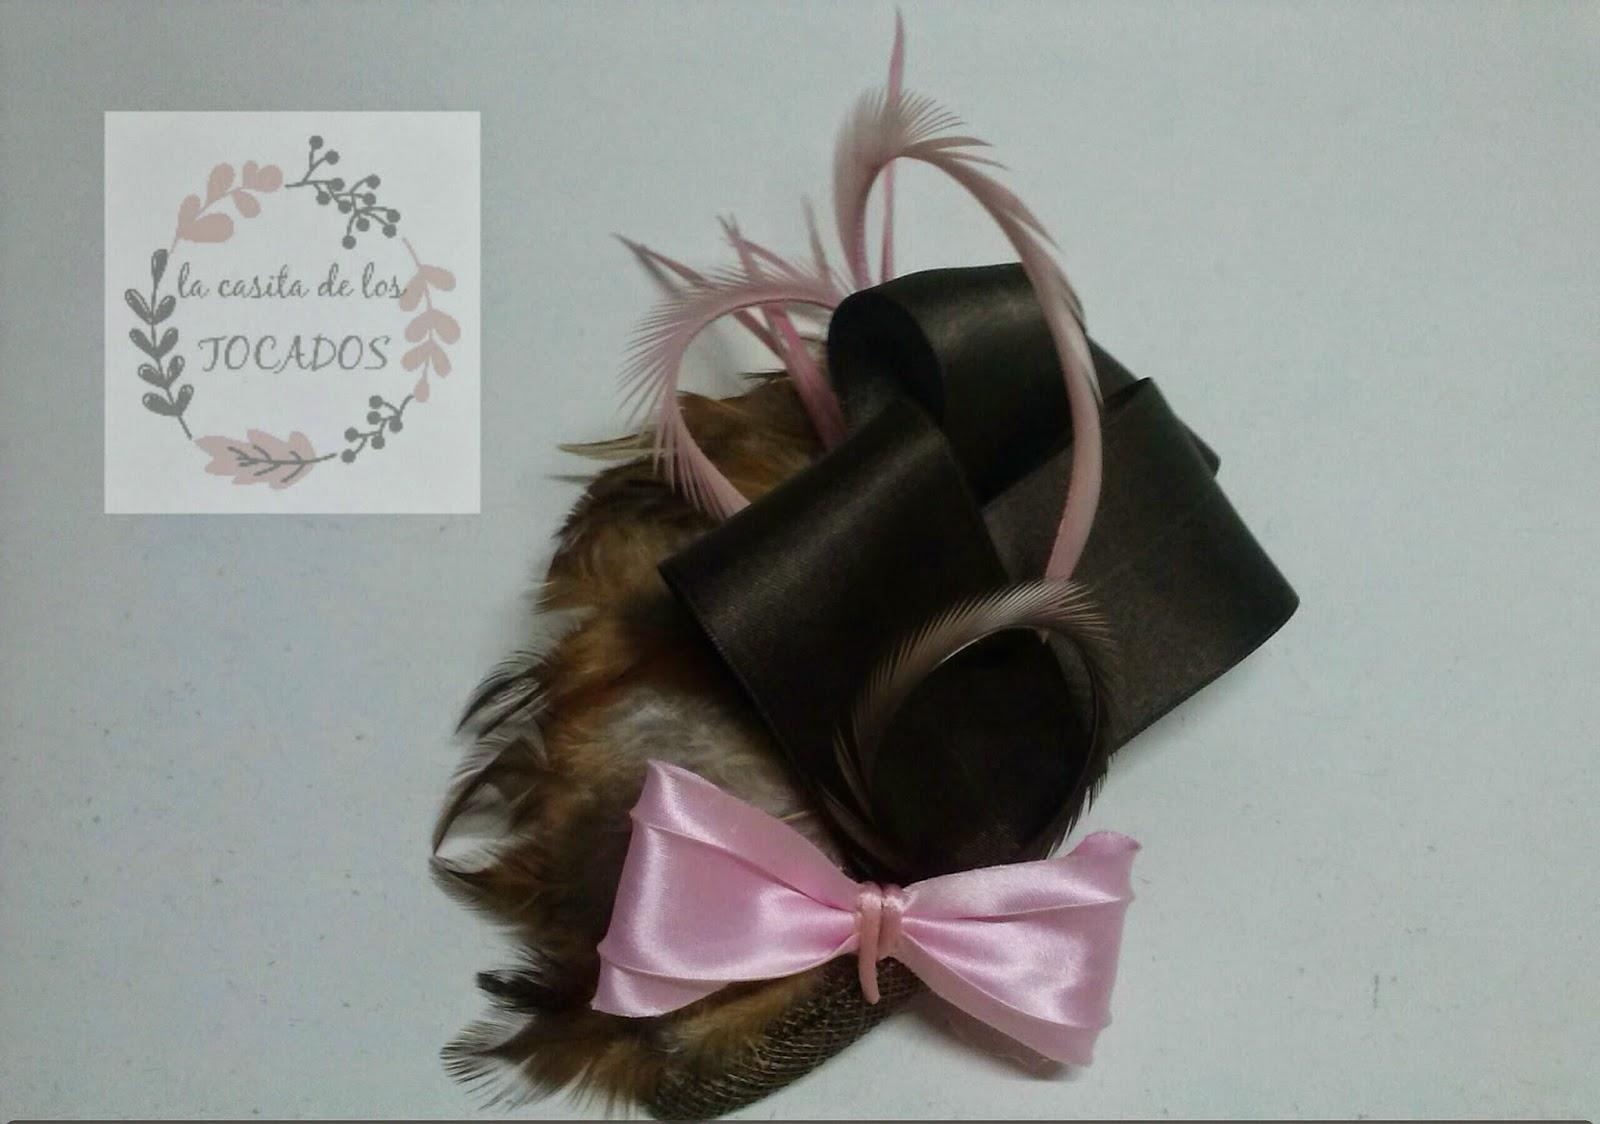 tocado con base cubierta de plumas y con adornos de cinta de raso, colores marrón y rosa y base de lágrima LA CASITA DE LOS TOCADOS